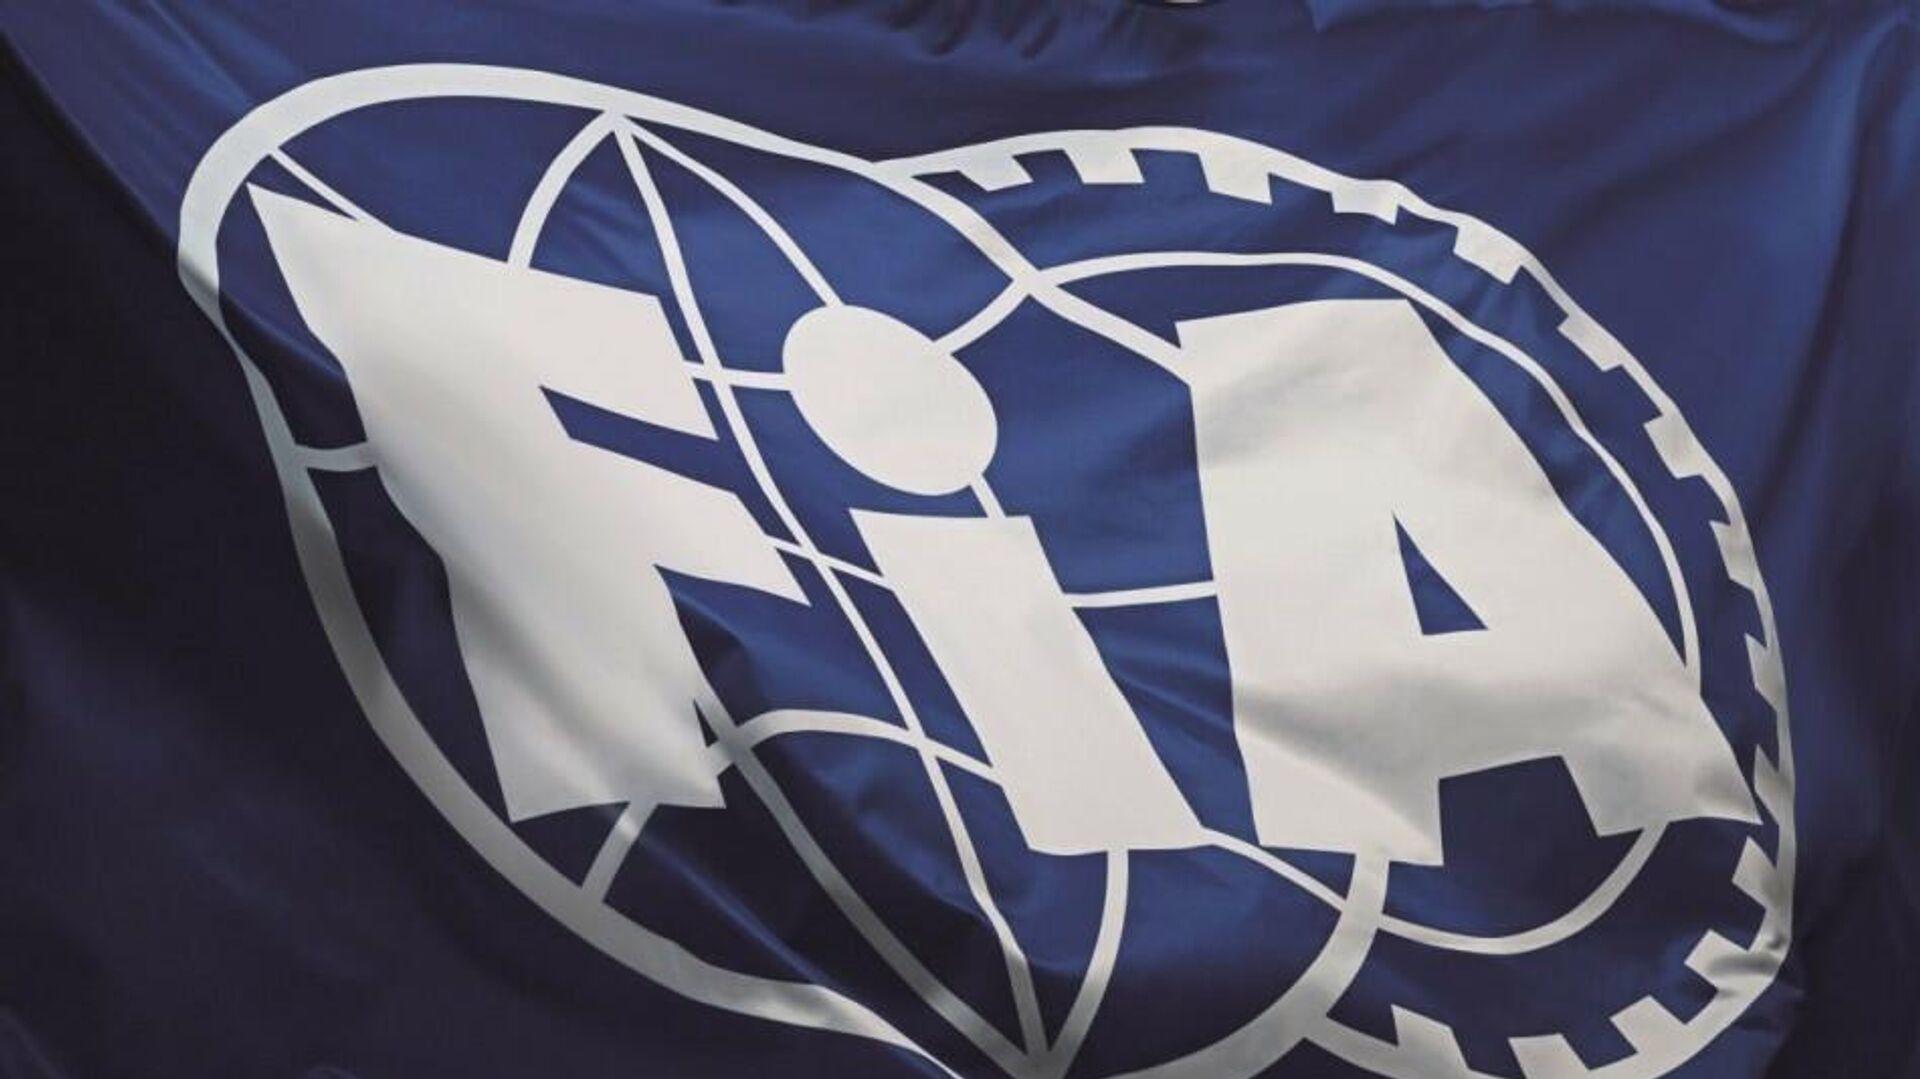 Логотип Международной автомобильной федерации (FIA) - РИА Новости, 1920, 22.03.2021